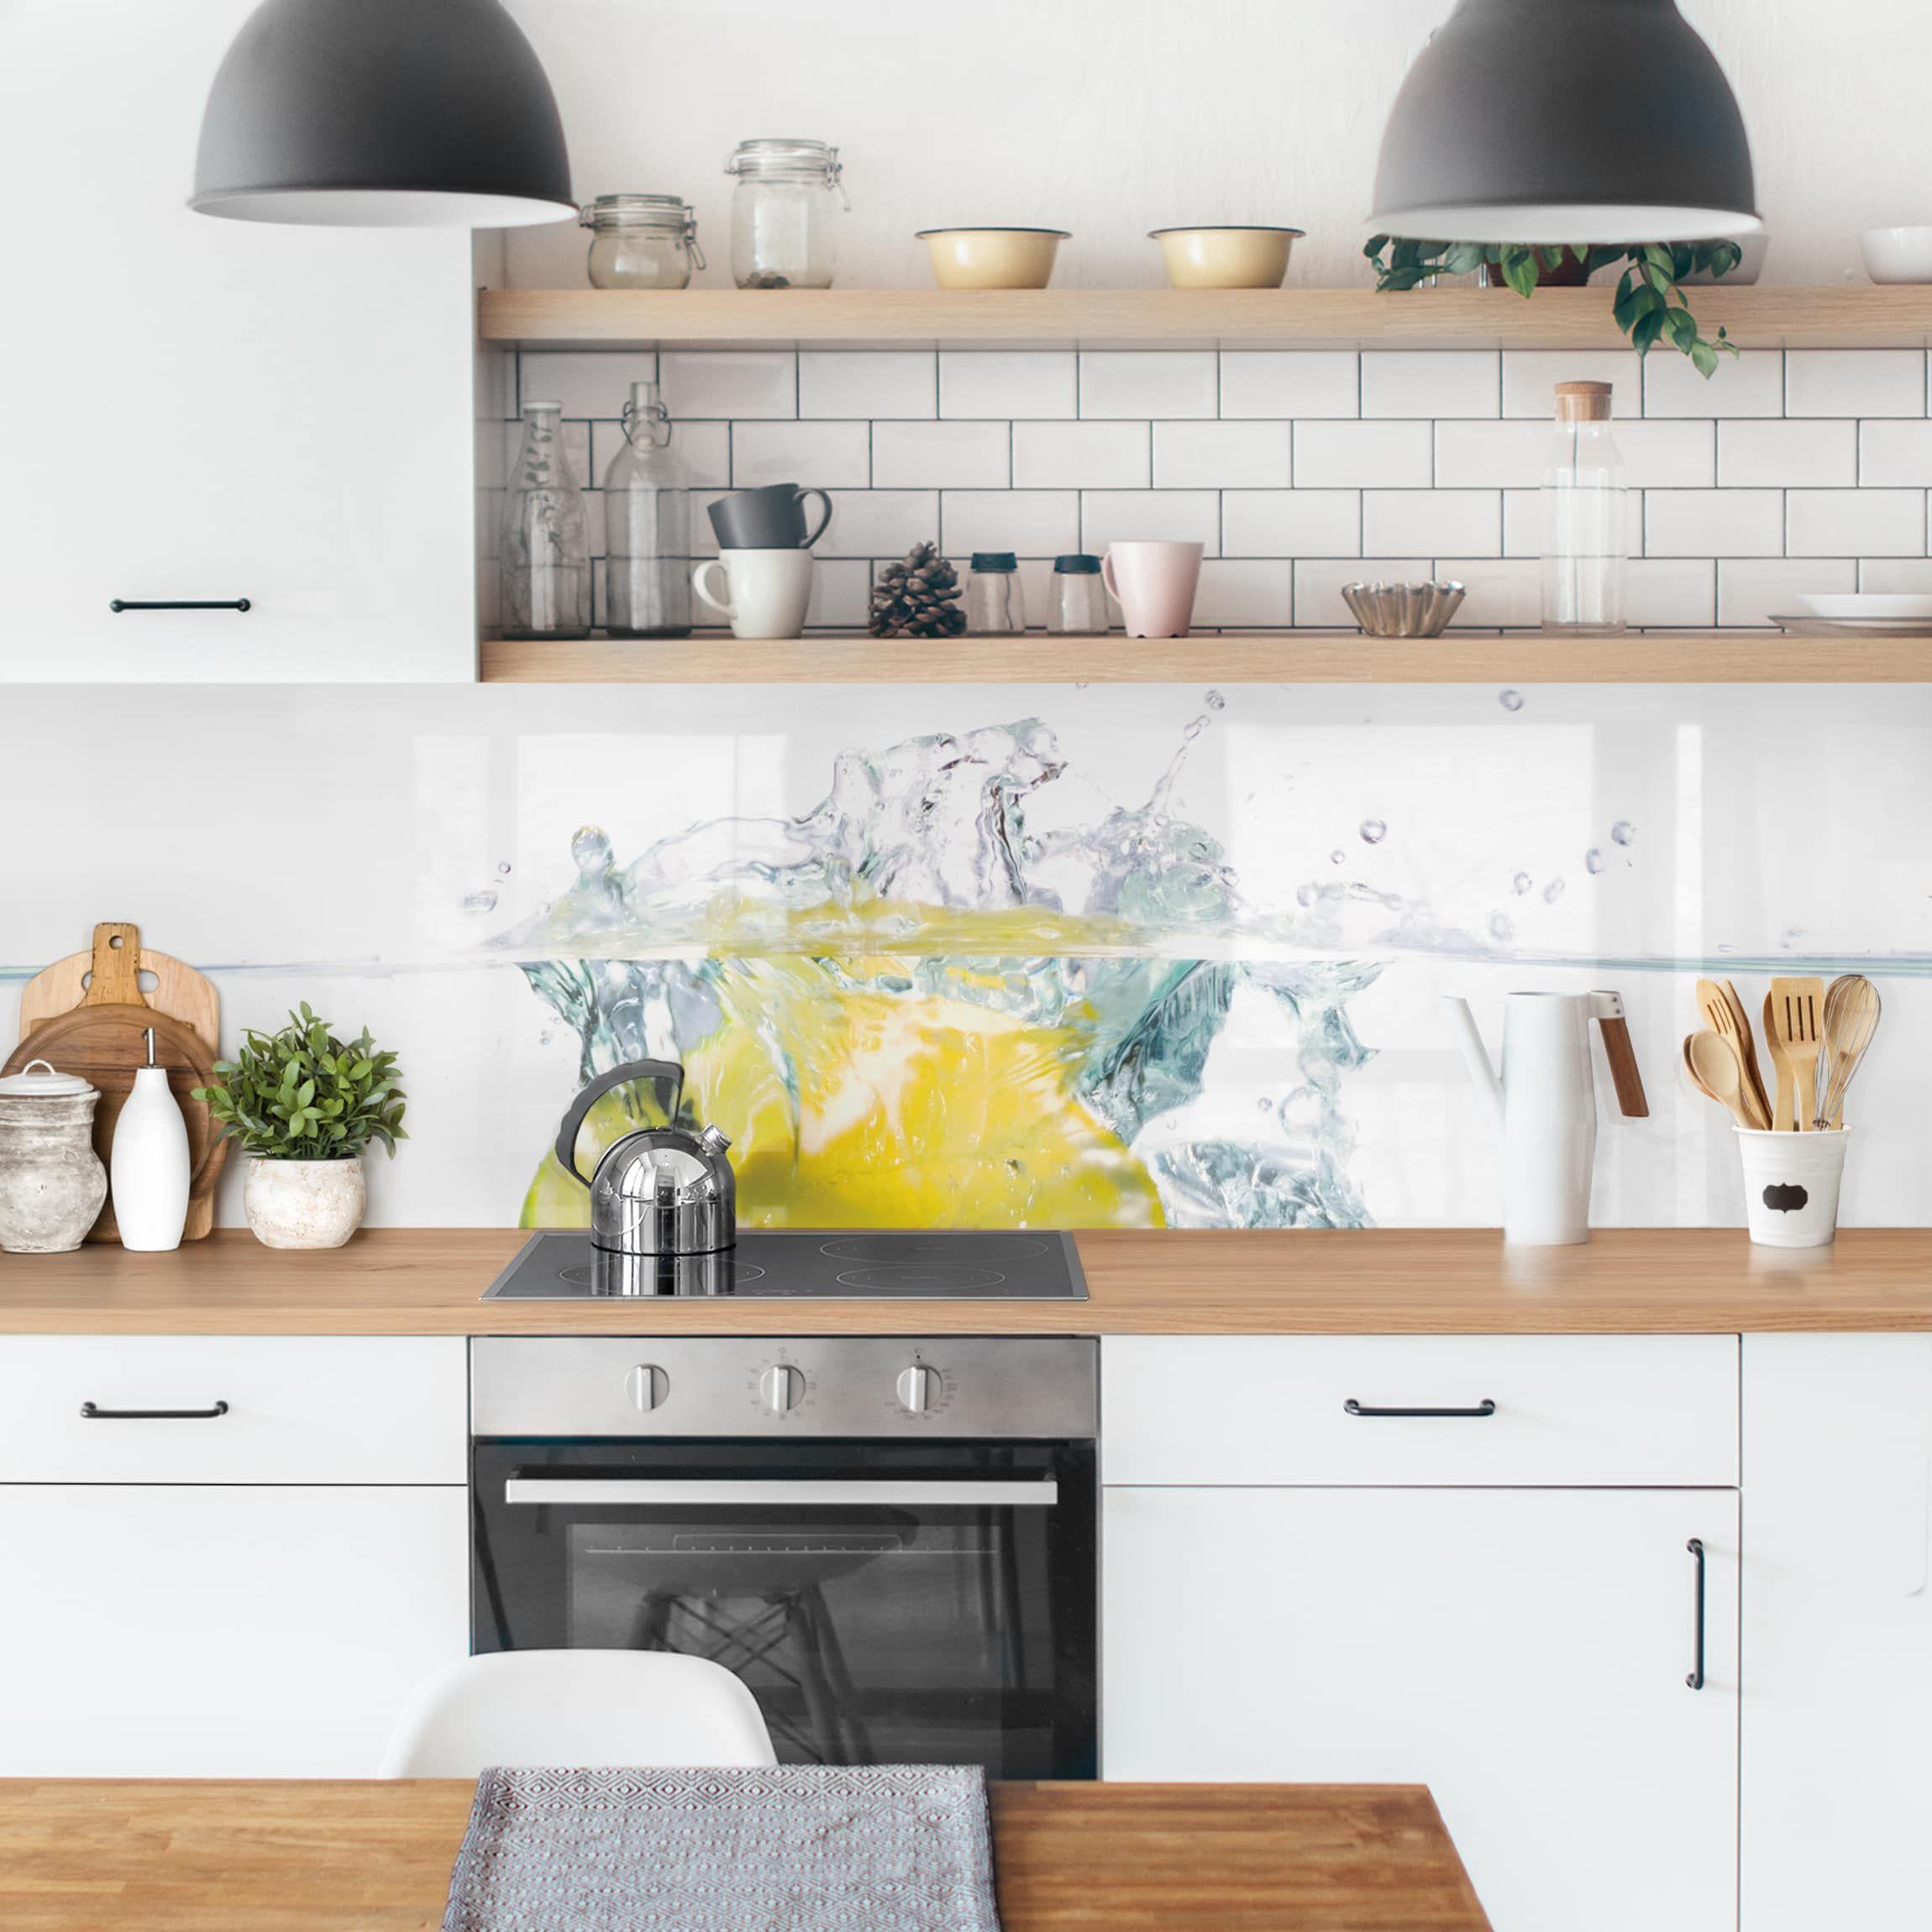 Kuchenruckwand Zitrone Und Limette Im Wasser Kuchenprodukte Kuchenruckwand Kuchen Ruckwand